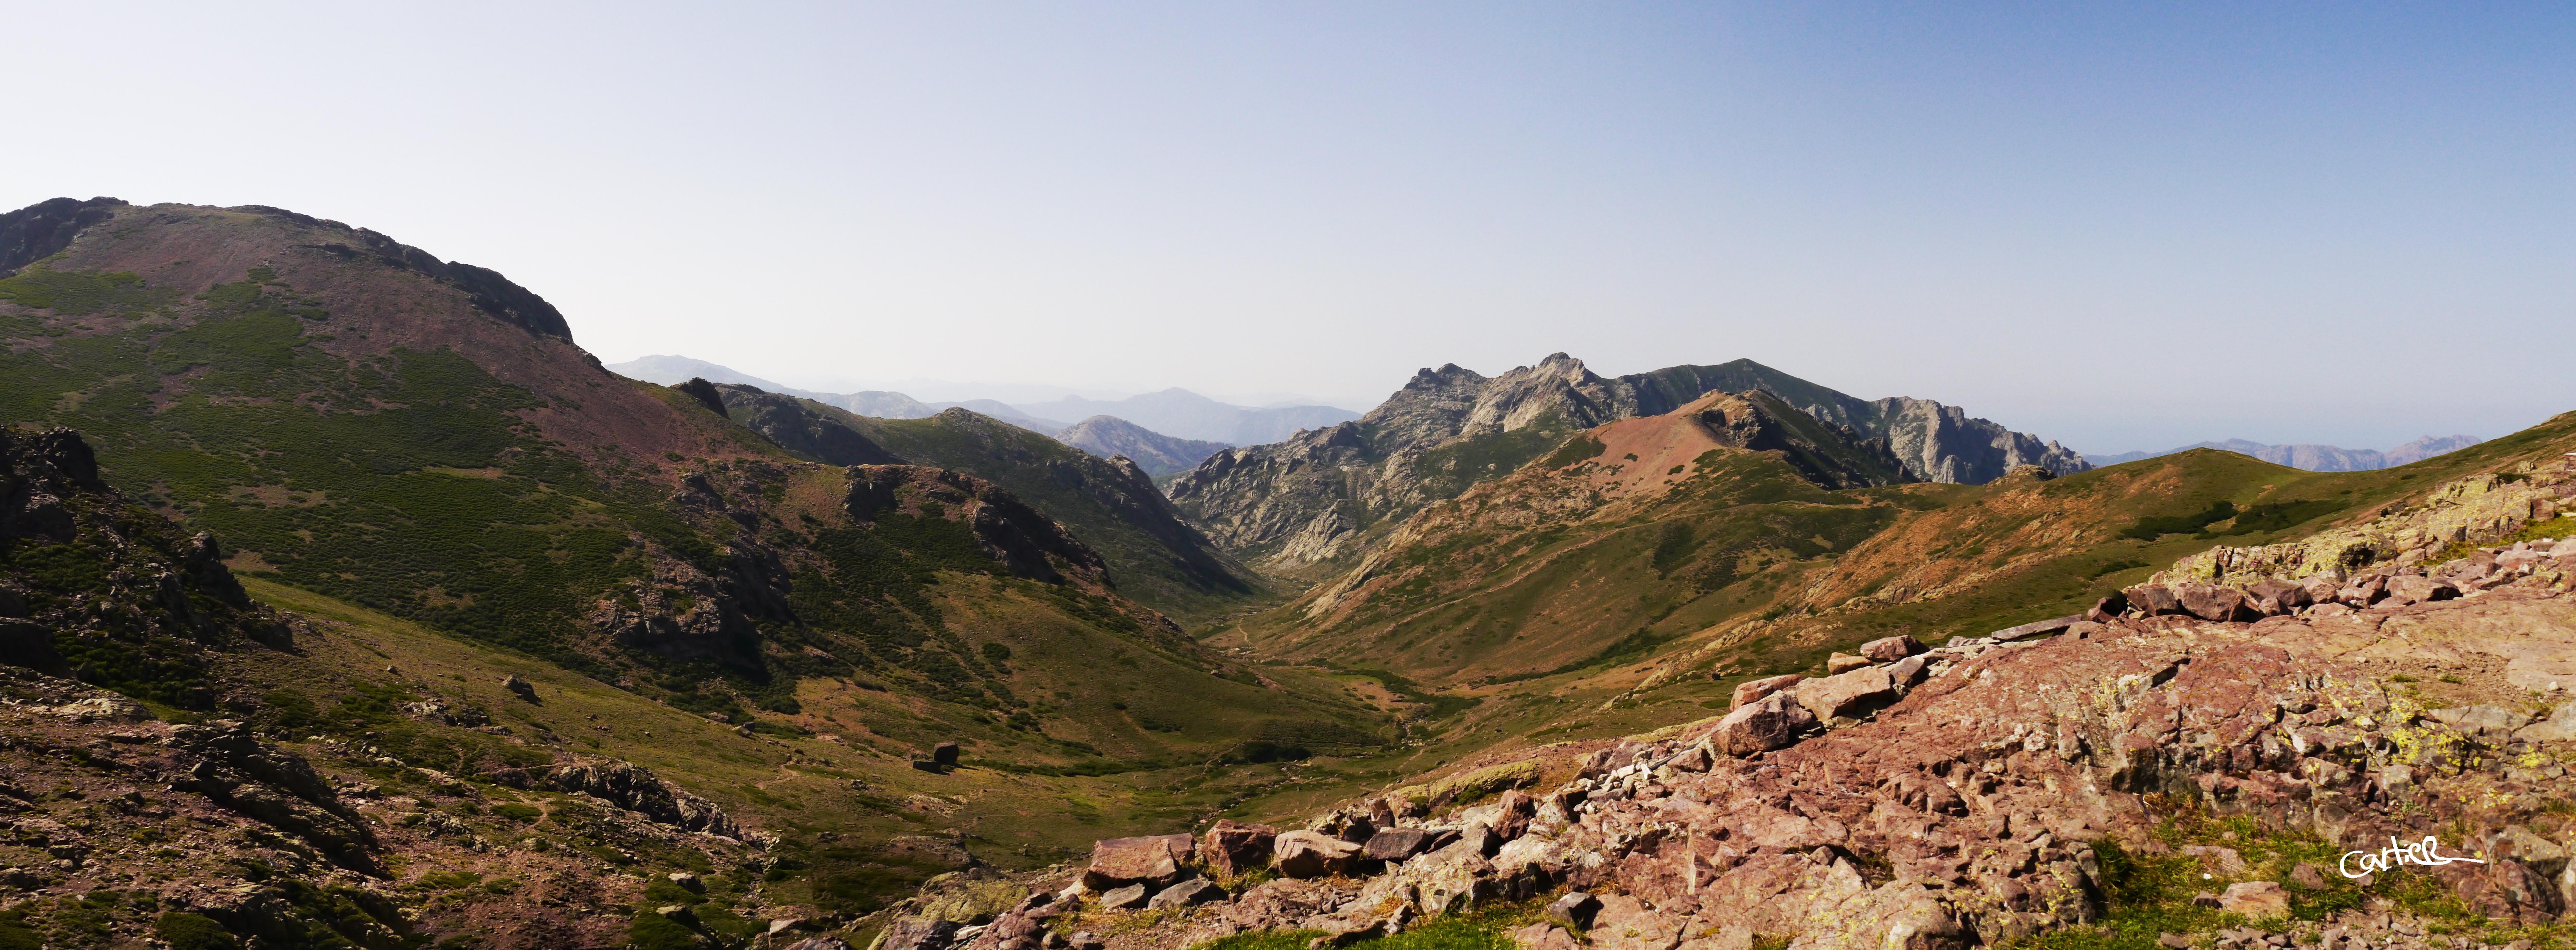 Panorama vallée du Golu